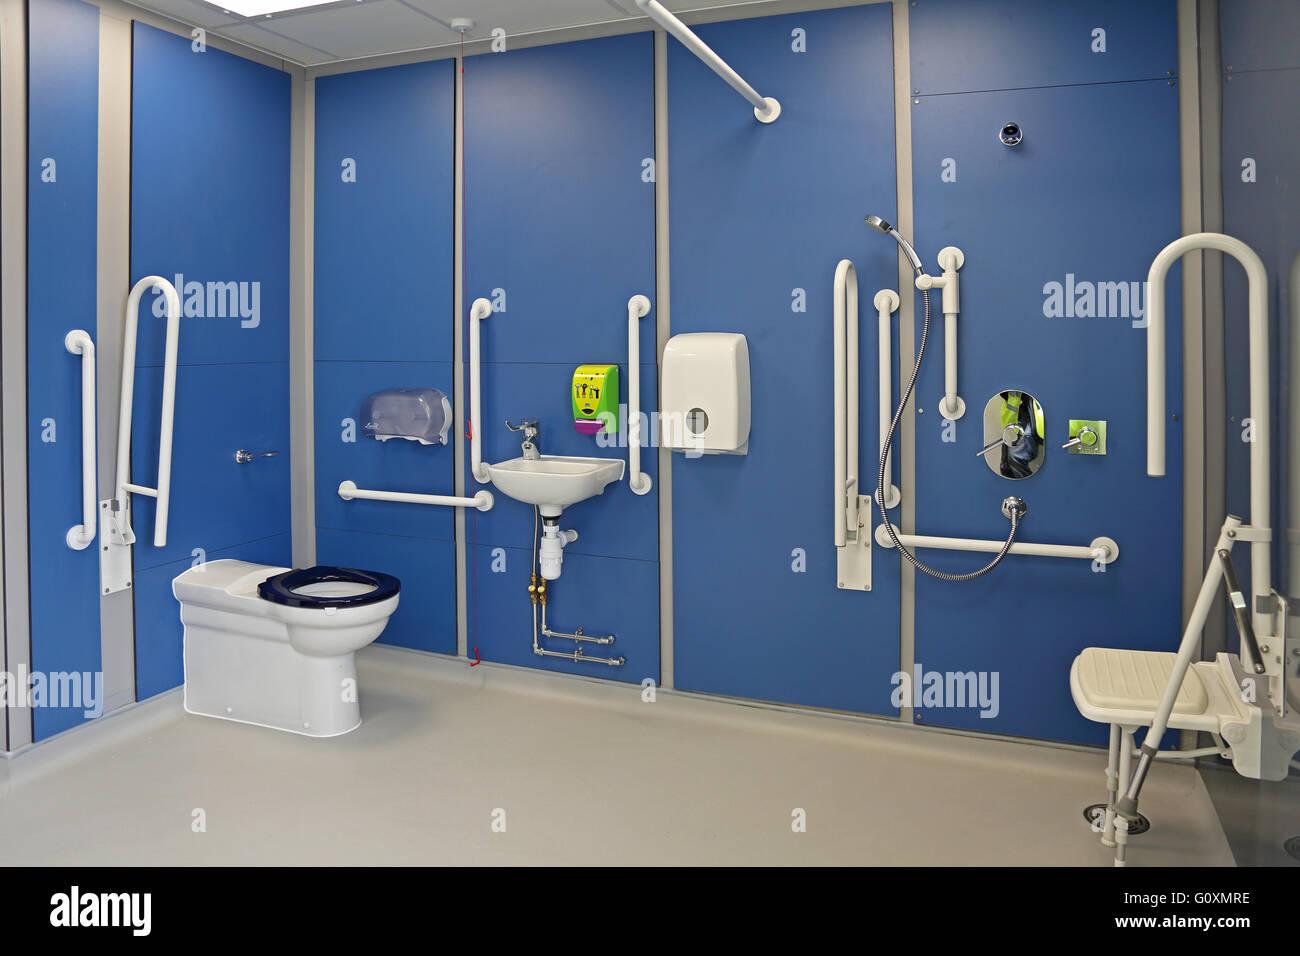 https www alamyimages fr photo image une salle de douche et toilettes pour handicapes dans une ecole primaire de new london les rails de support de montre et siege de douche materiel de plomberie 103849298 html